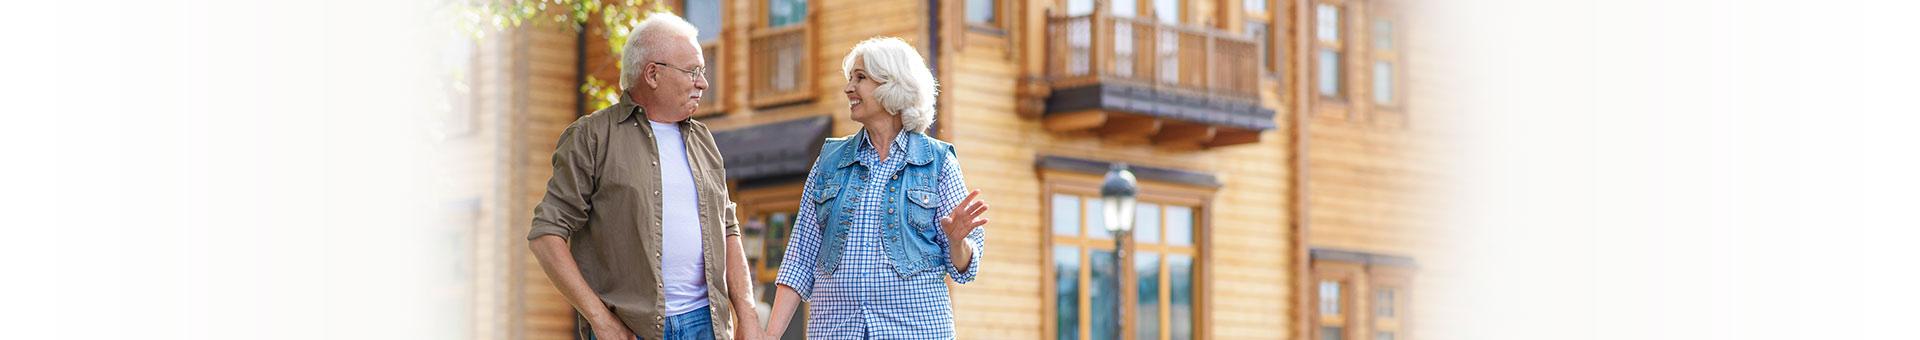 кредит пенсионерам неработающим где можно получить без отказа астрахань